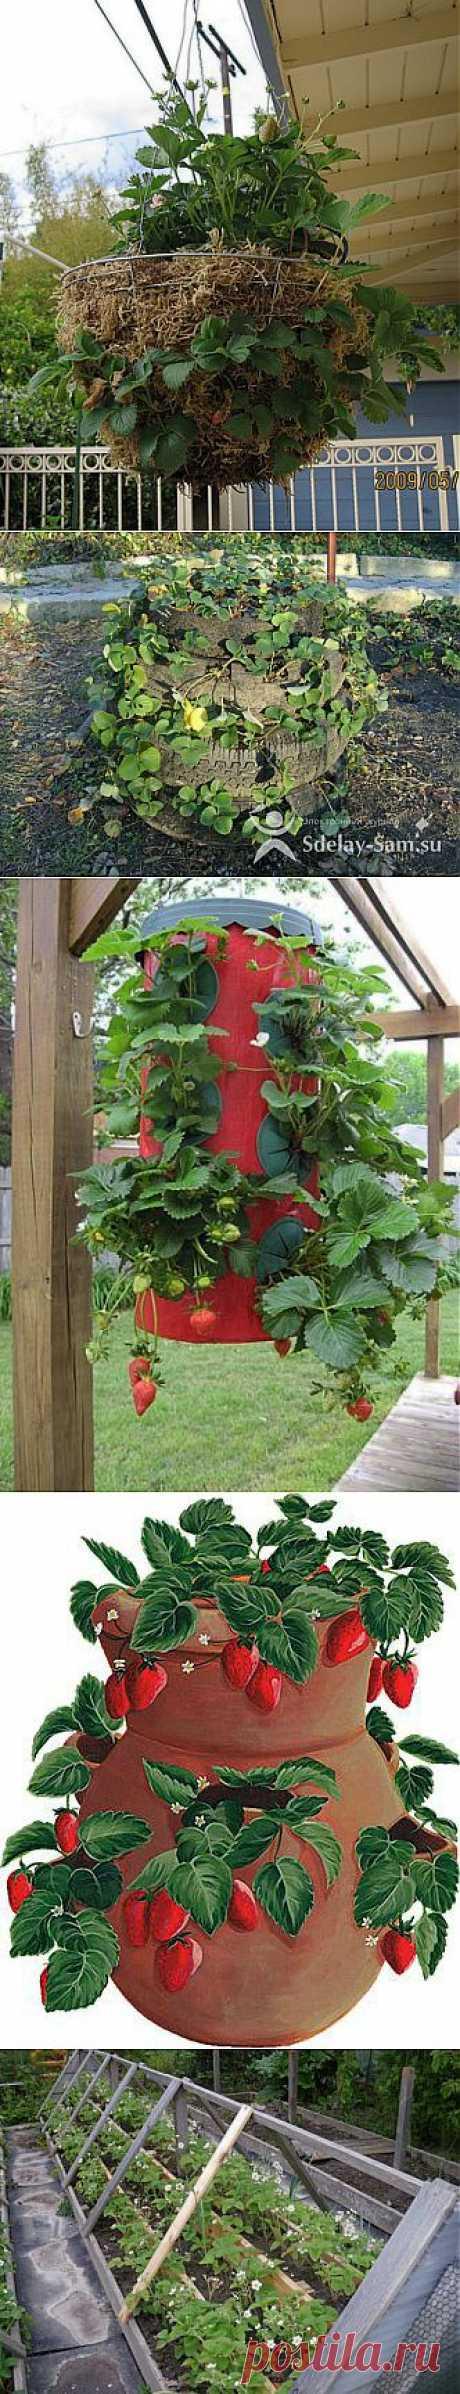 Способы выращивания клубники.